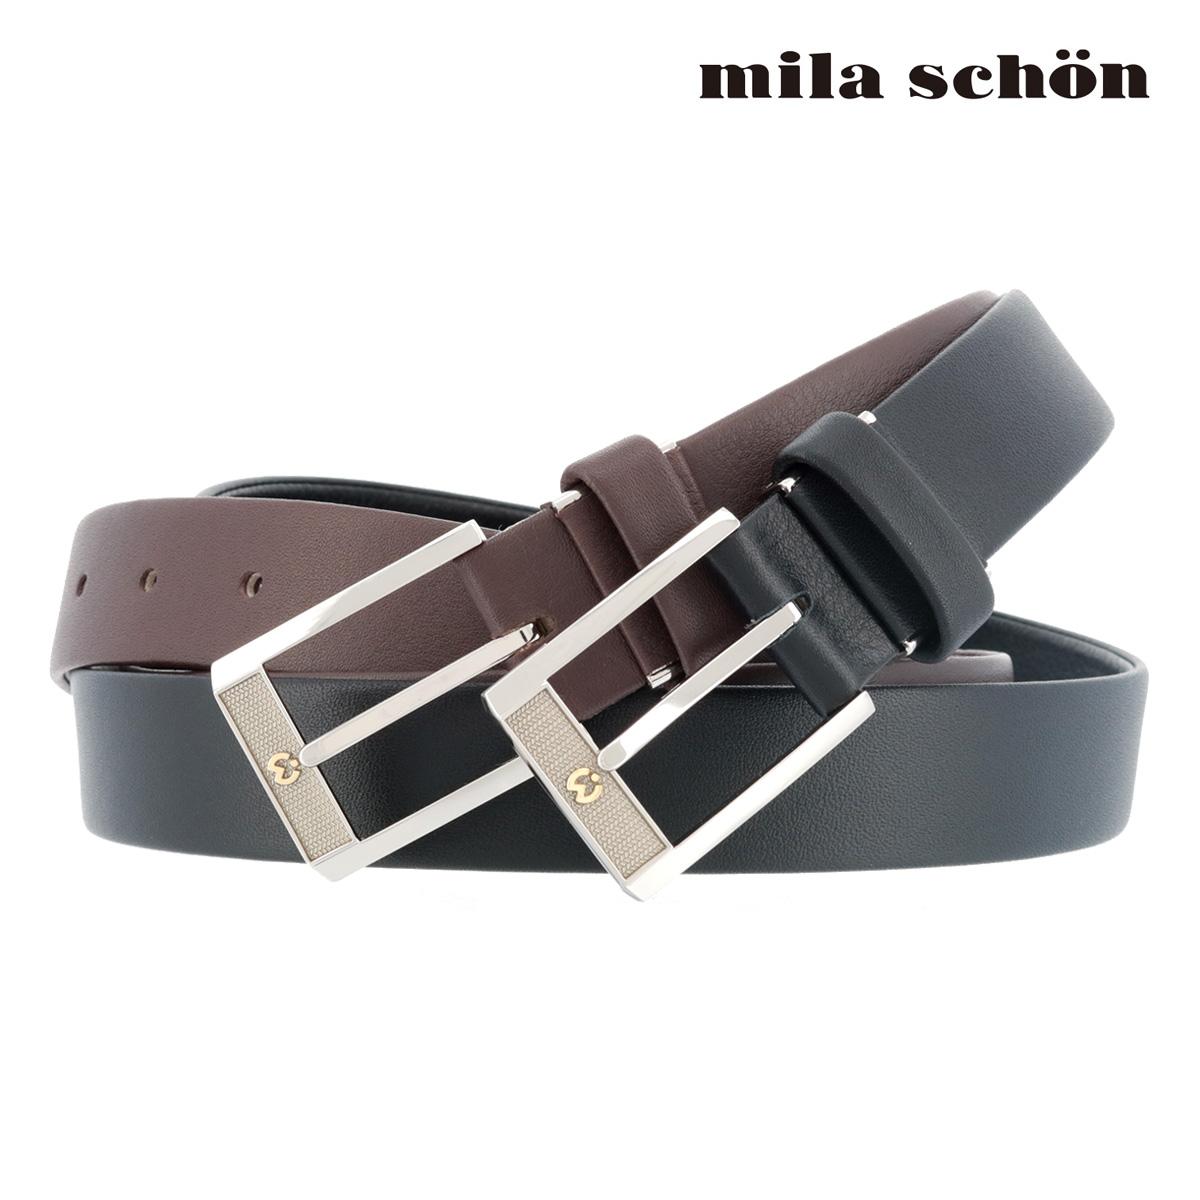 ミラショーン レザーベルト MSMB1950 | milaschon ピン式 牛革 メンズ[PO5][bef]